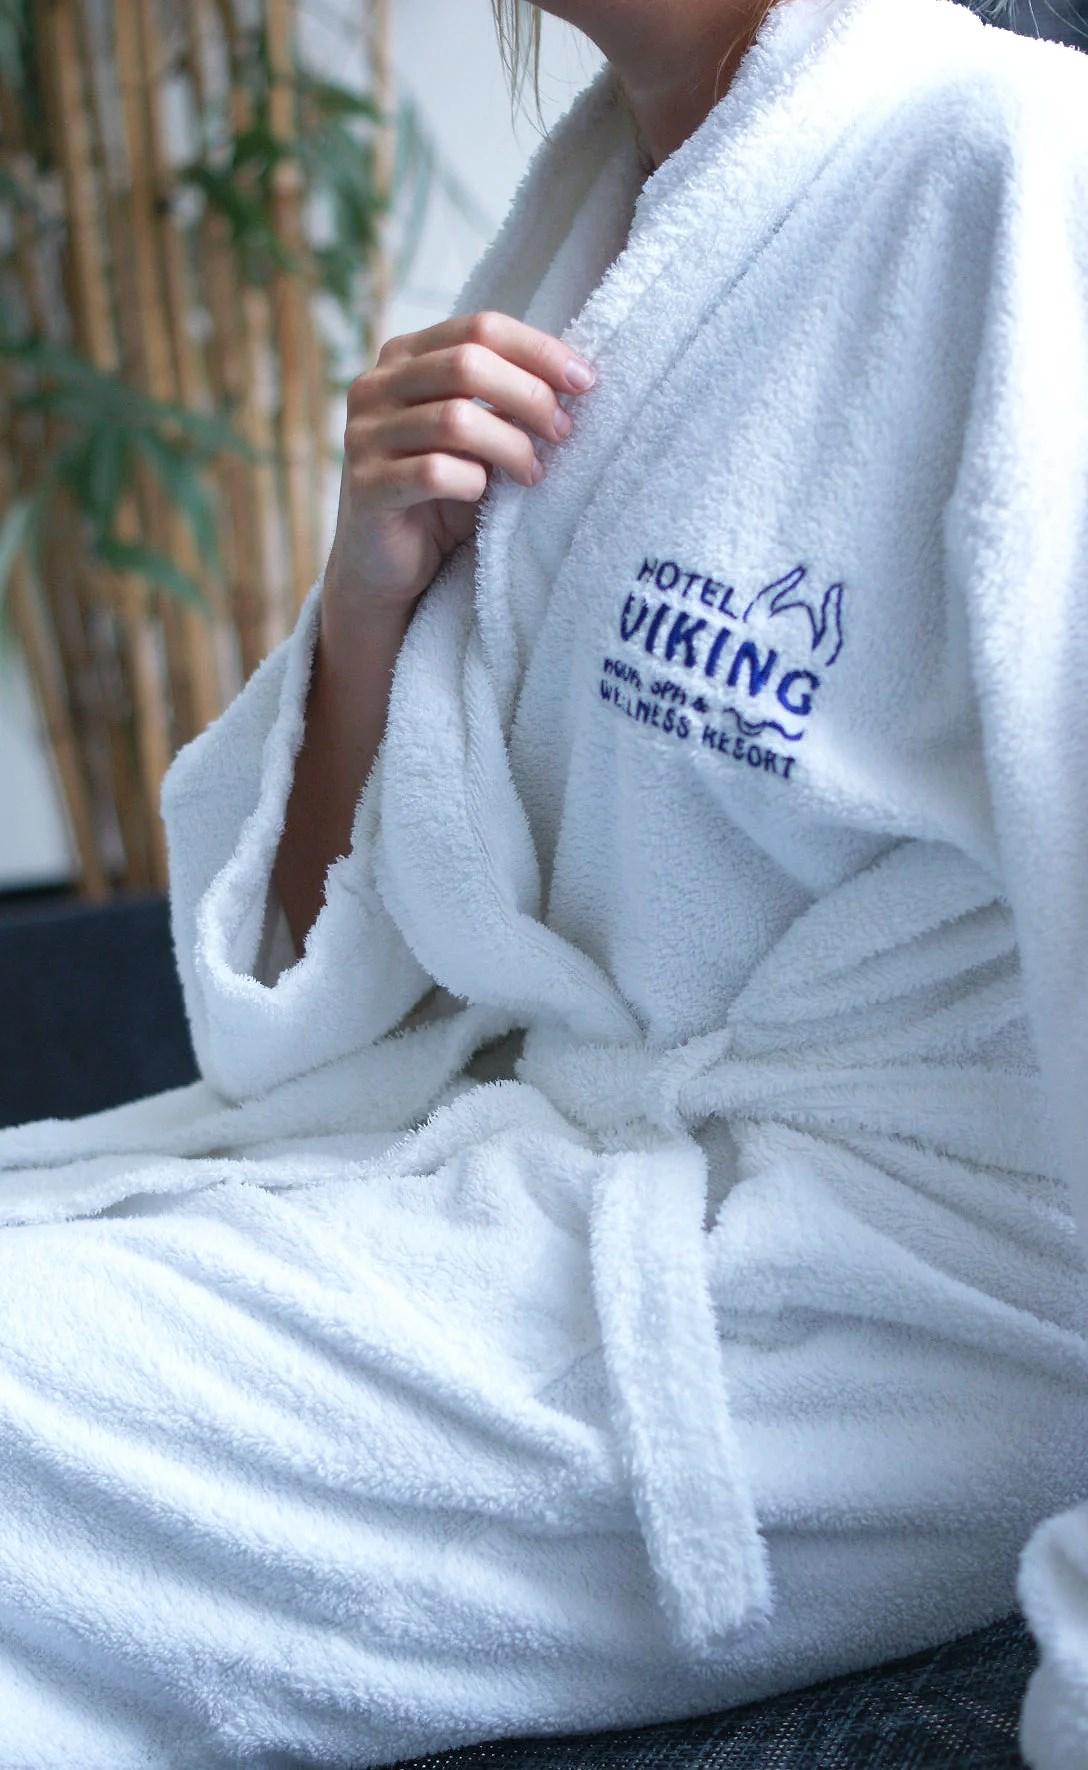 Hotel Viking, Hotel Viking Sæby, Hotel Viking Spa & Wellness ophold, Spa og wellness, Wellness, Spa, Modeblogger, Livsstilsblogger, Dansk modeblog, Dansk livsstilsblogger, It's My Passions, Julie Mænnchen, Ophold, Rejser